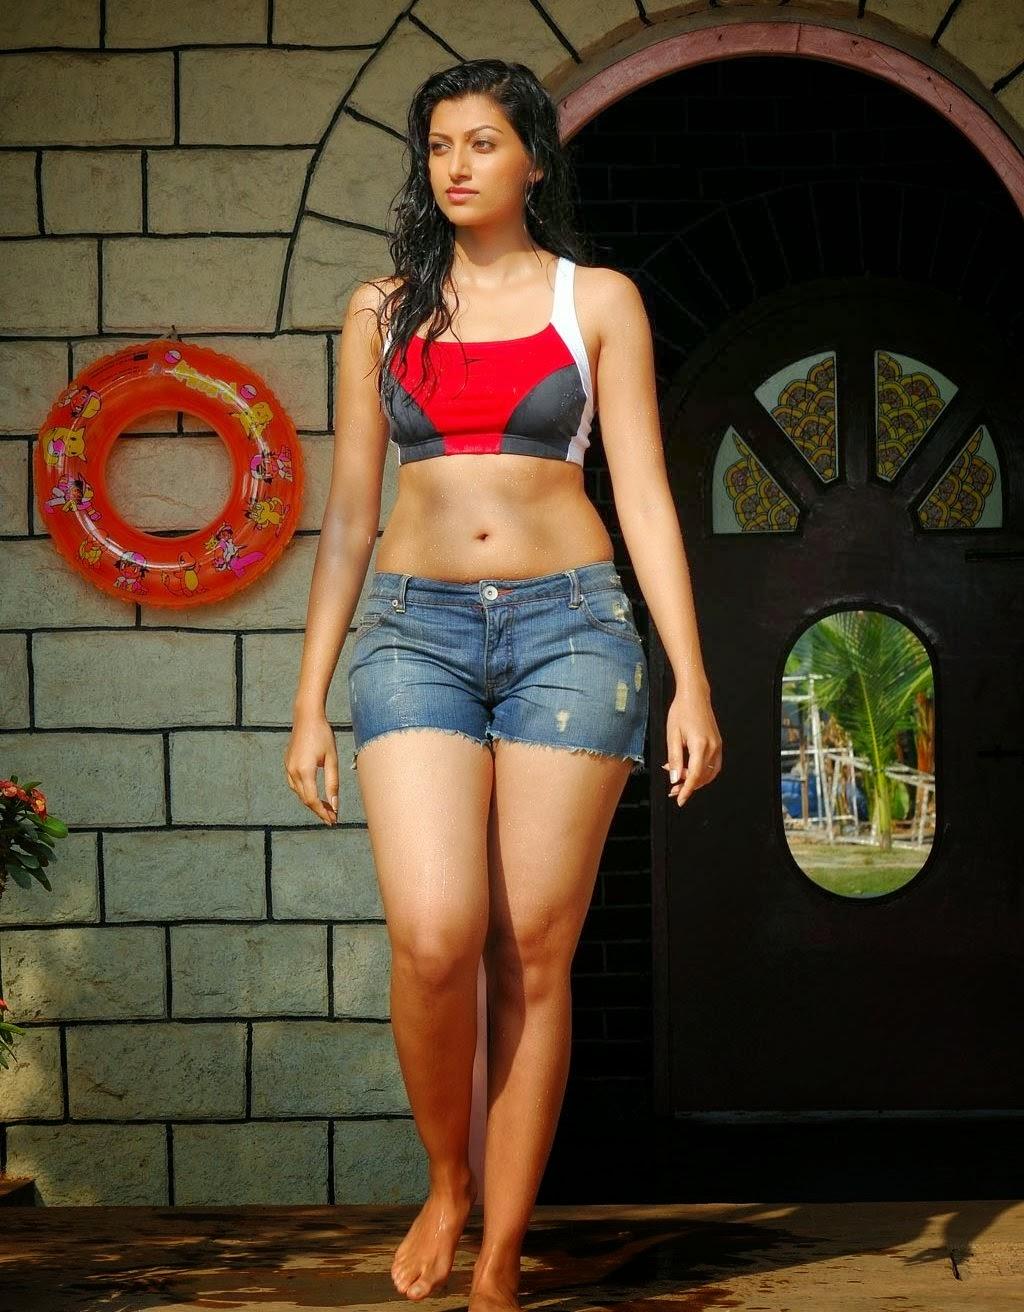 Sexy desi girl in short